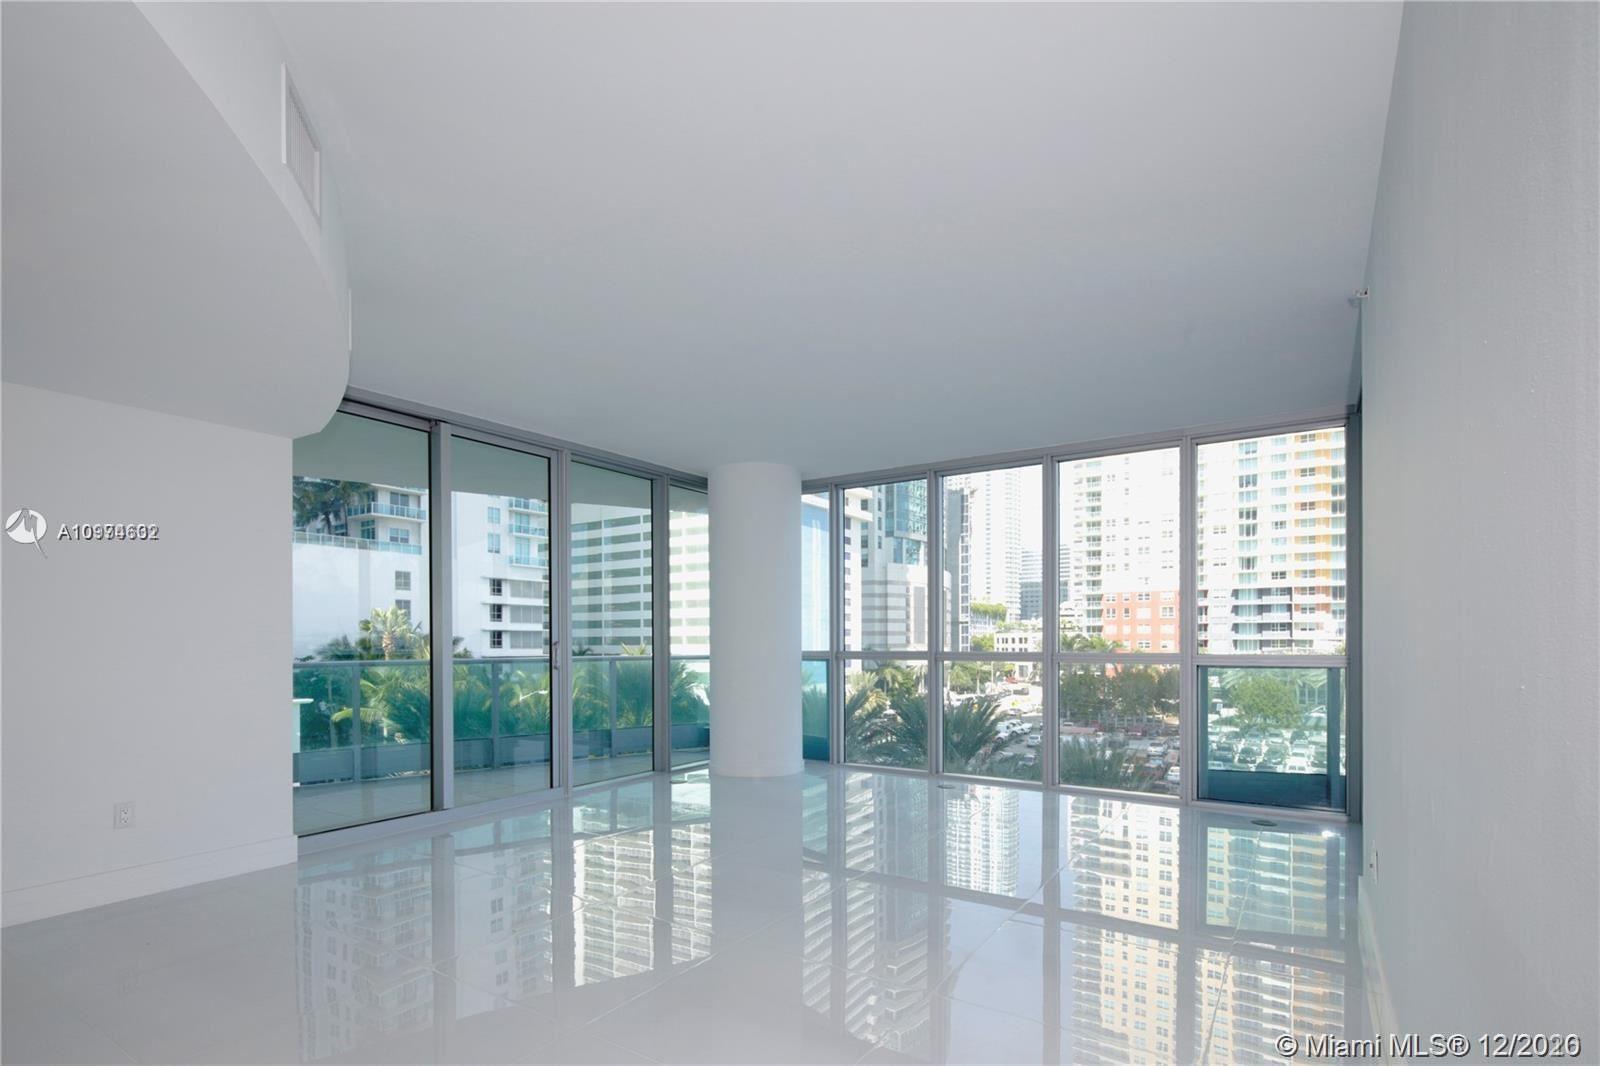 1331 Brickell Bay Dr #402, Miami, FL 33131 - #: A10974632